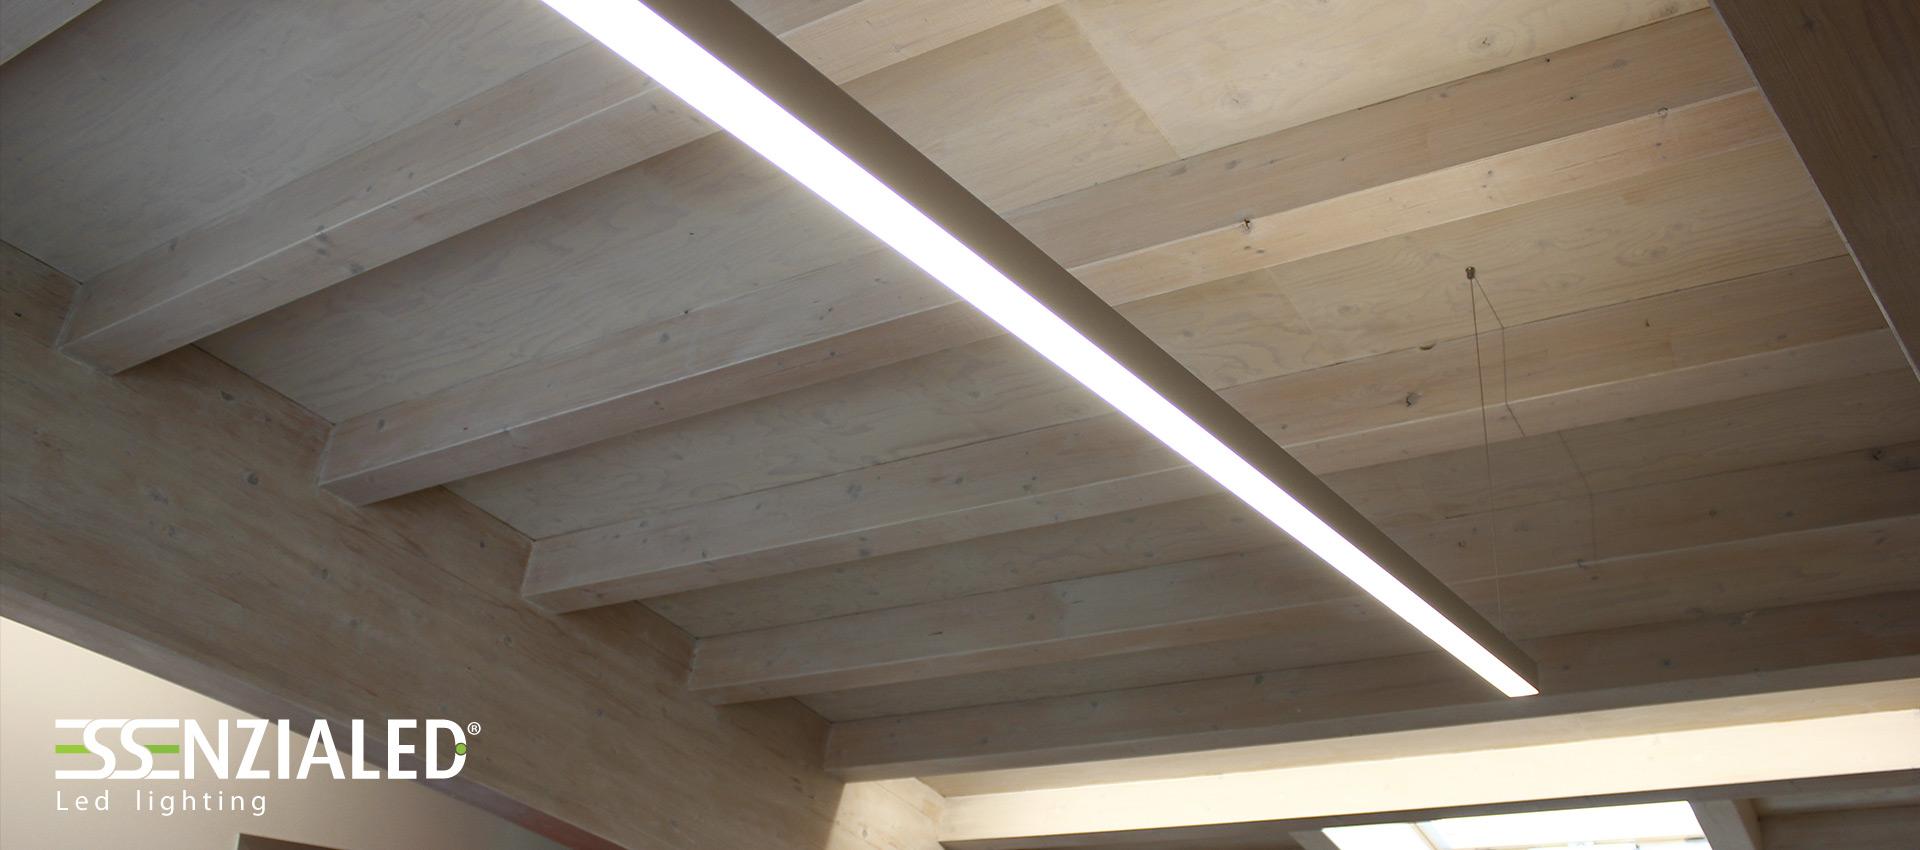 POWER IN XL - Profili a Led a sospensione - EssenzialedEssenzialed – Illuminazione a led